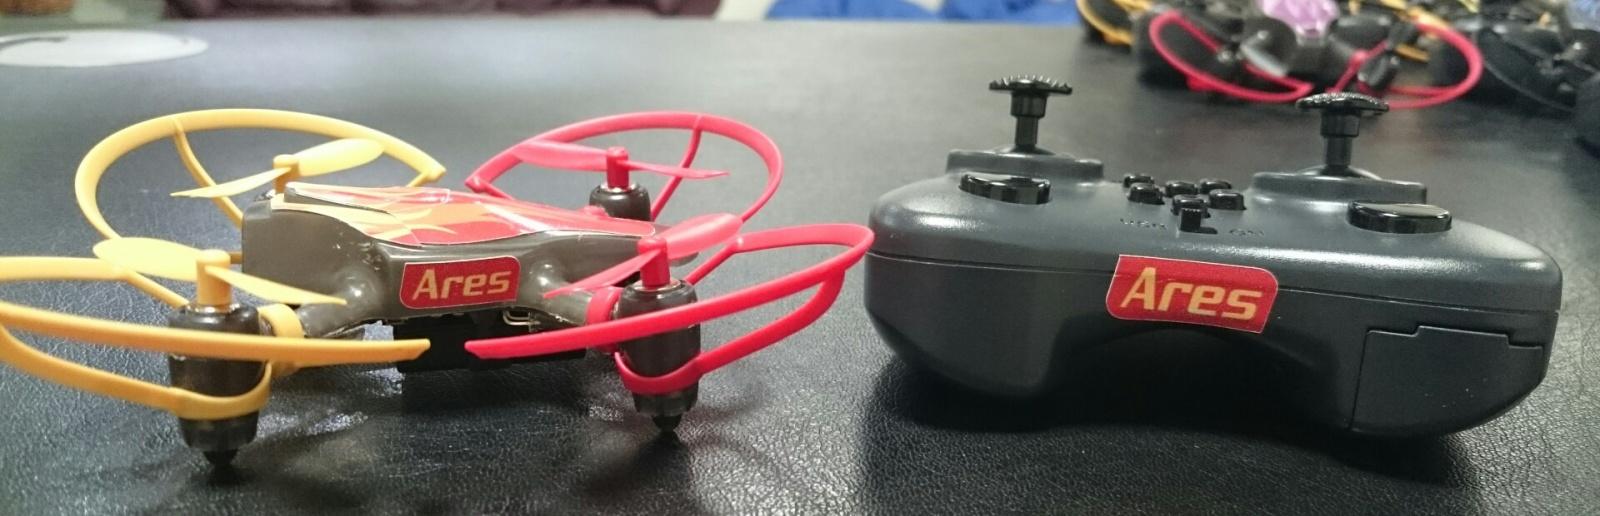 Обзор квадрокоптера Drone Fighter с точки зрения предприятия - 10